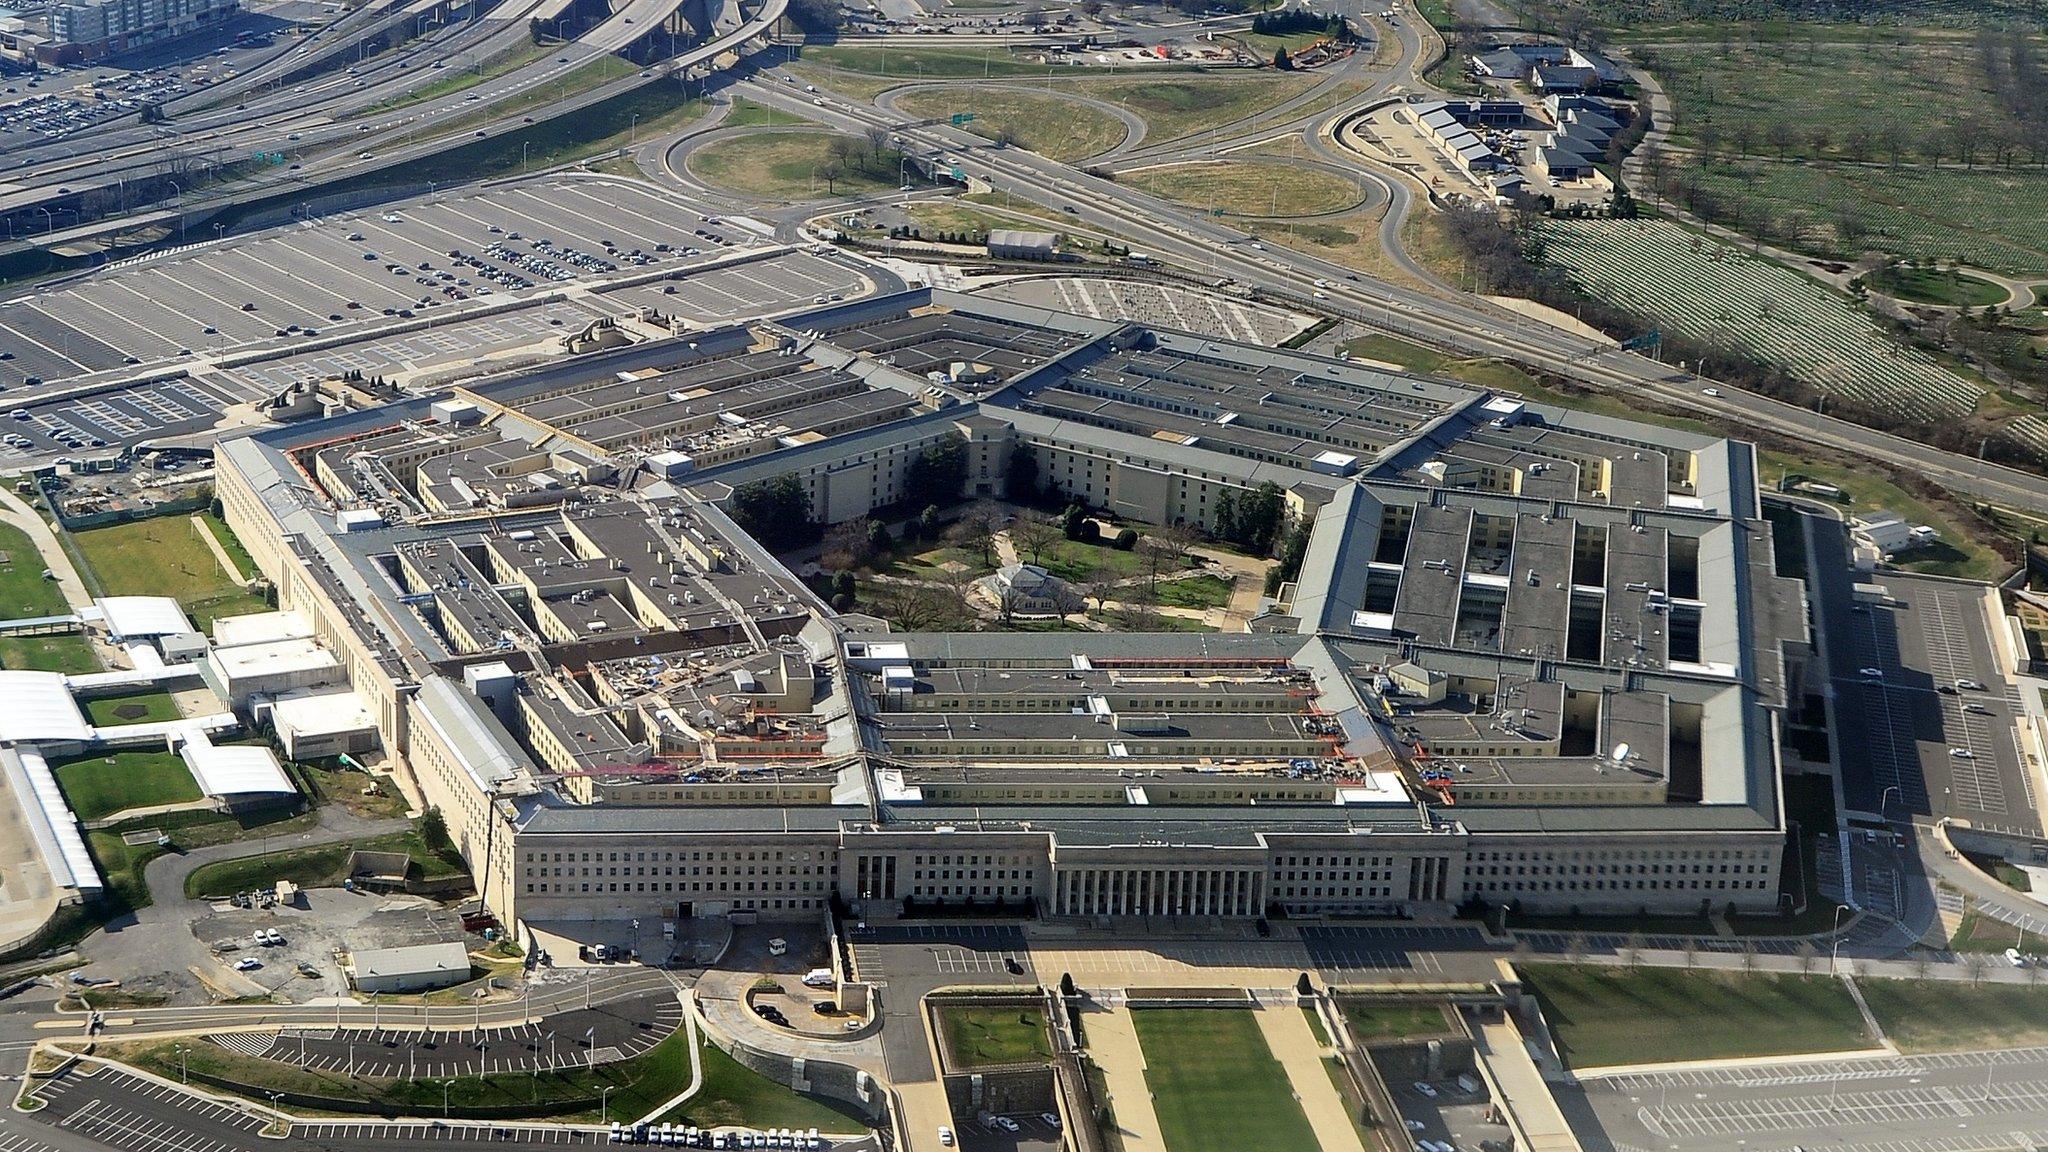 پنتاگون کشتهشدن عضو ارشد القاعده در افغانستان را تایید کرد